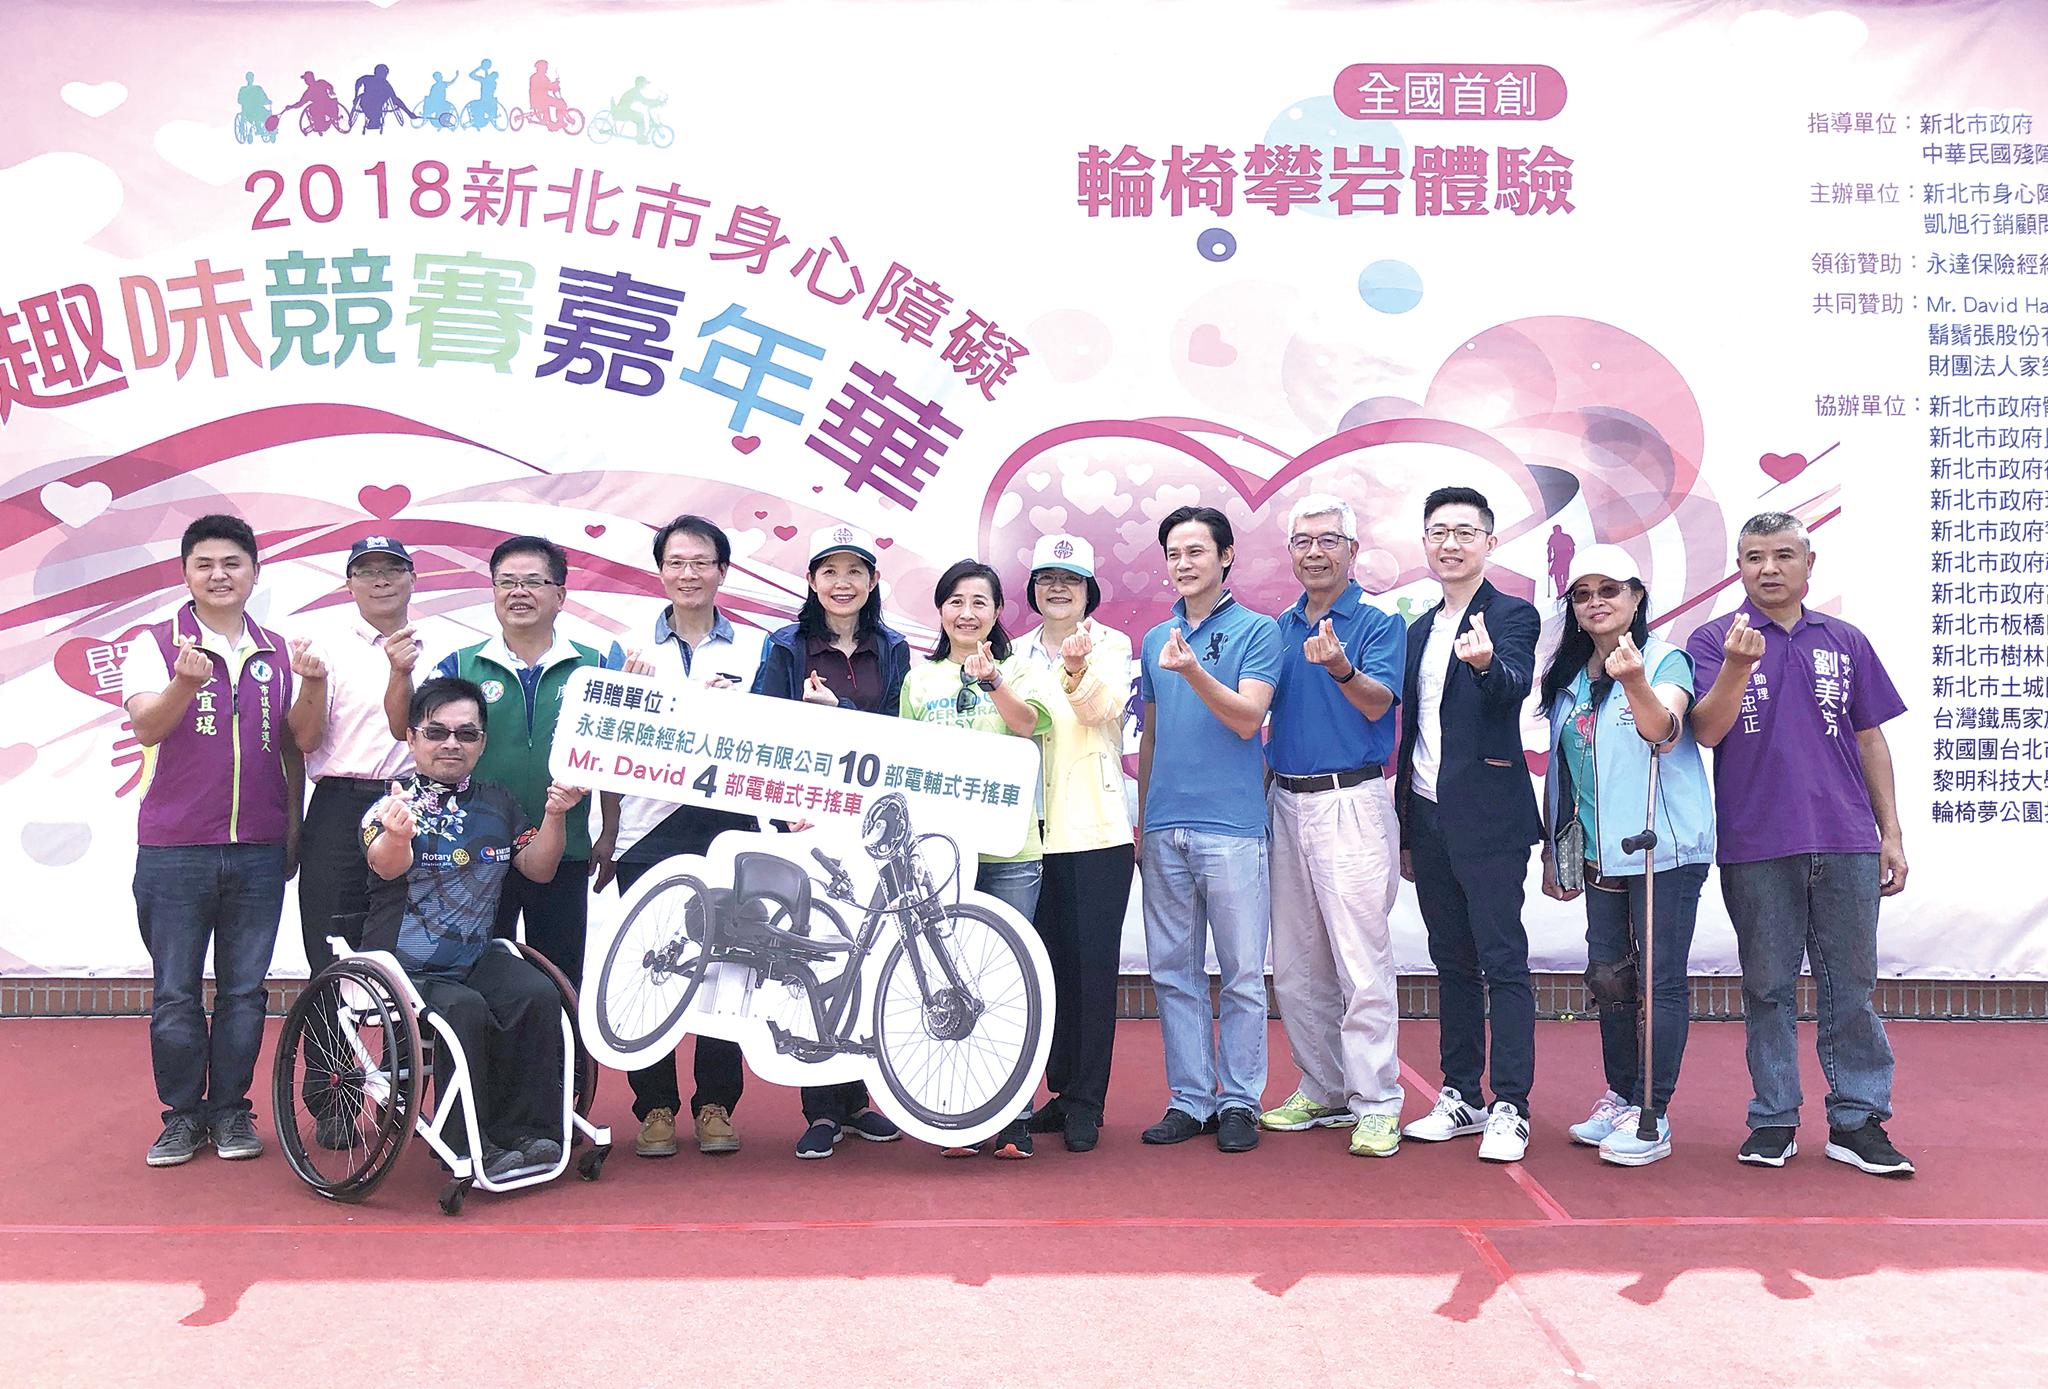 永達保經長官參加「新北市身心障礙者趣味競賽嘉年華暨永達身心障礙運動會」。